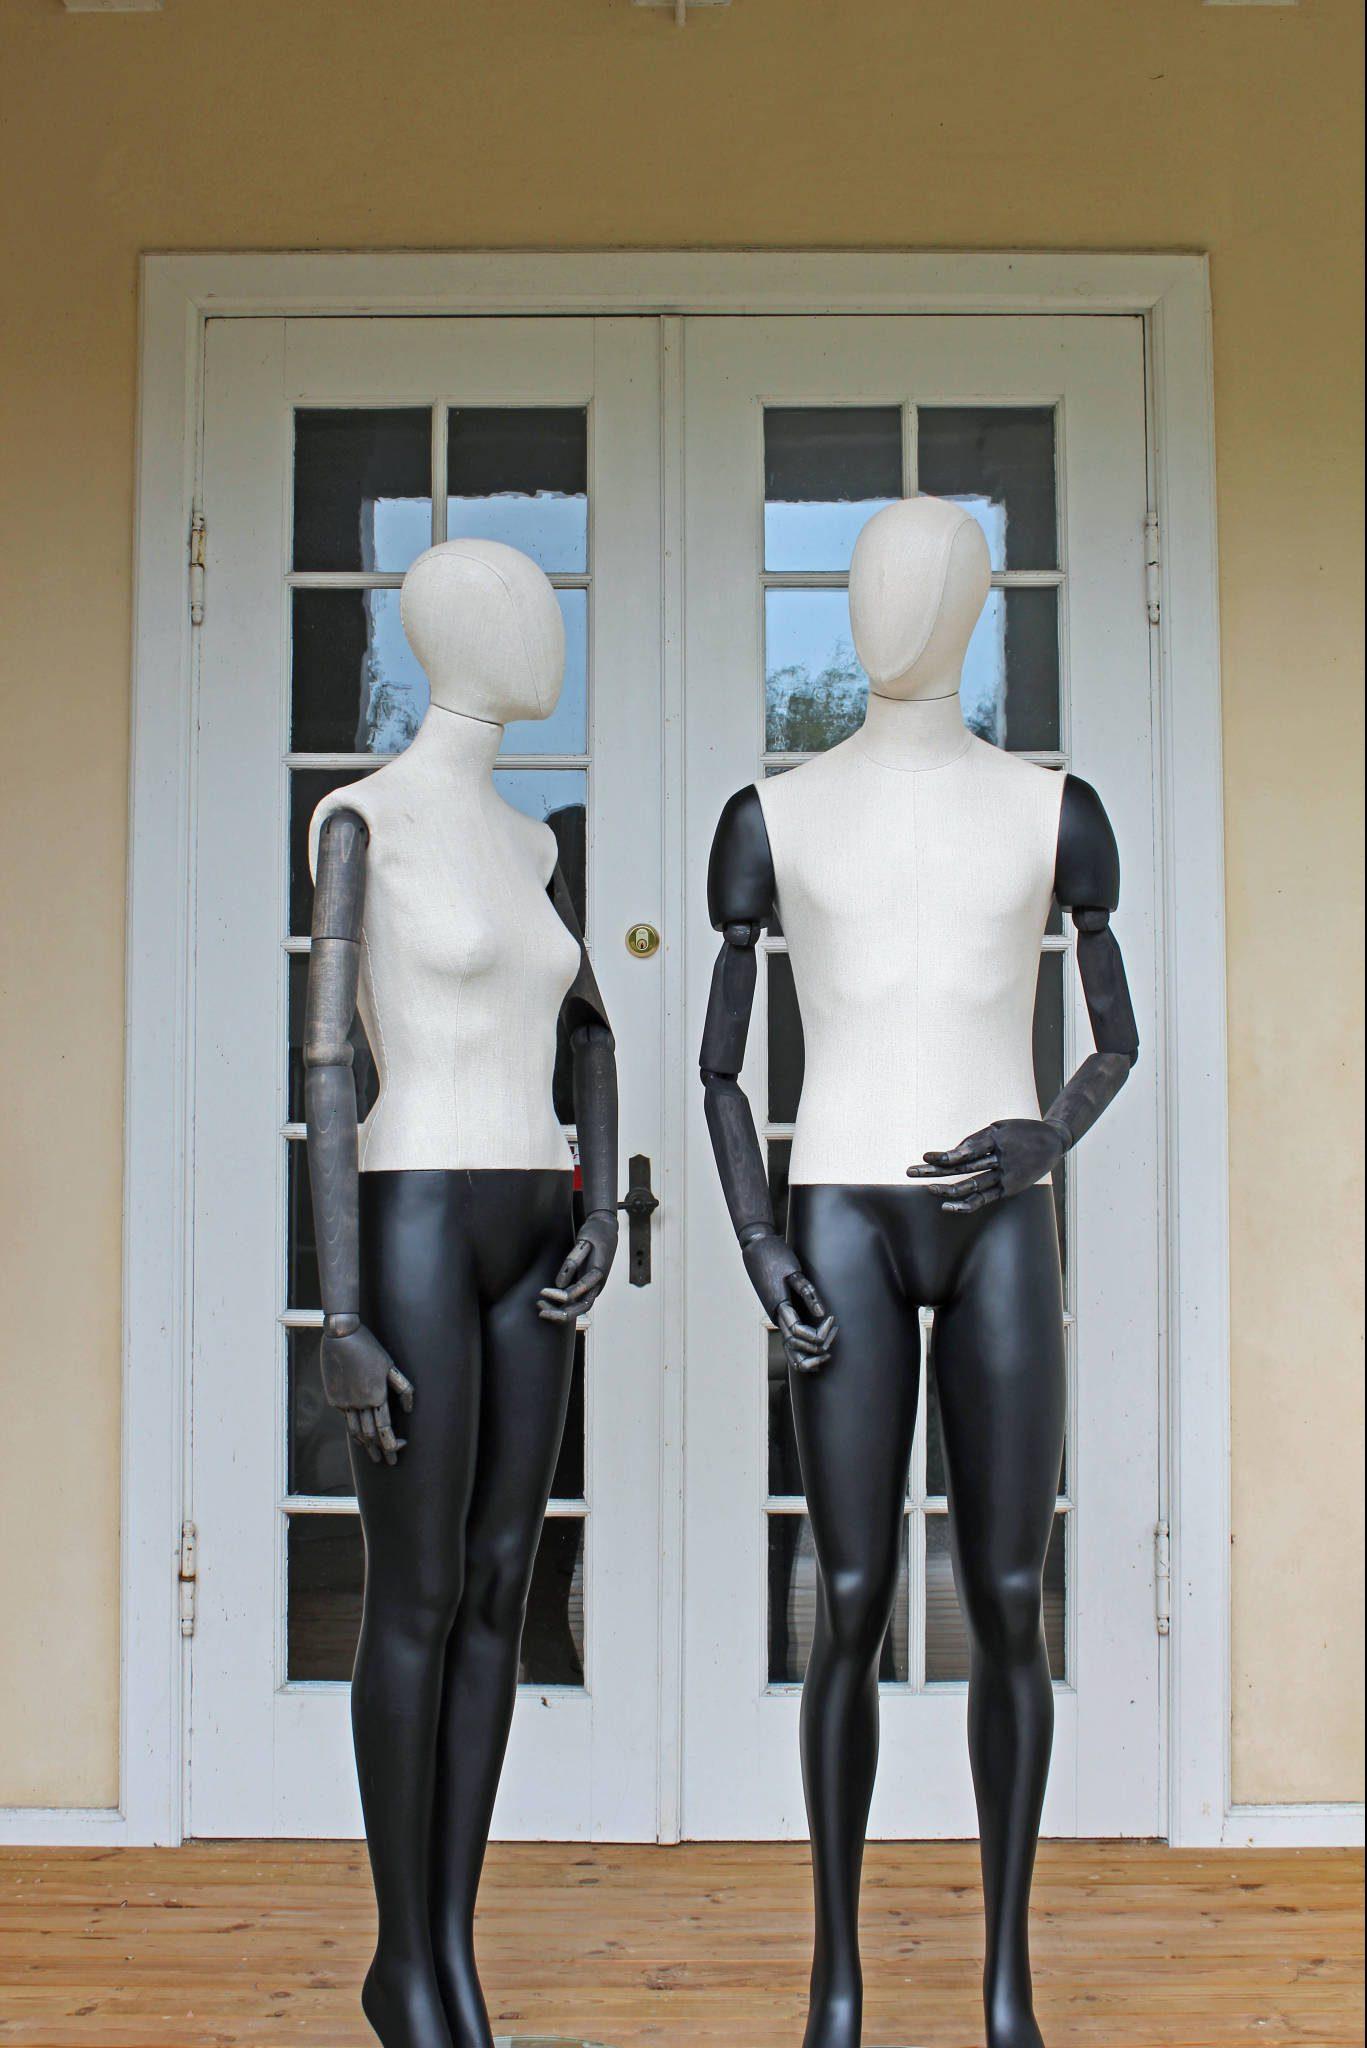 vintage mannequin dame og herre model med sortbejdset arme